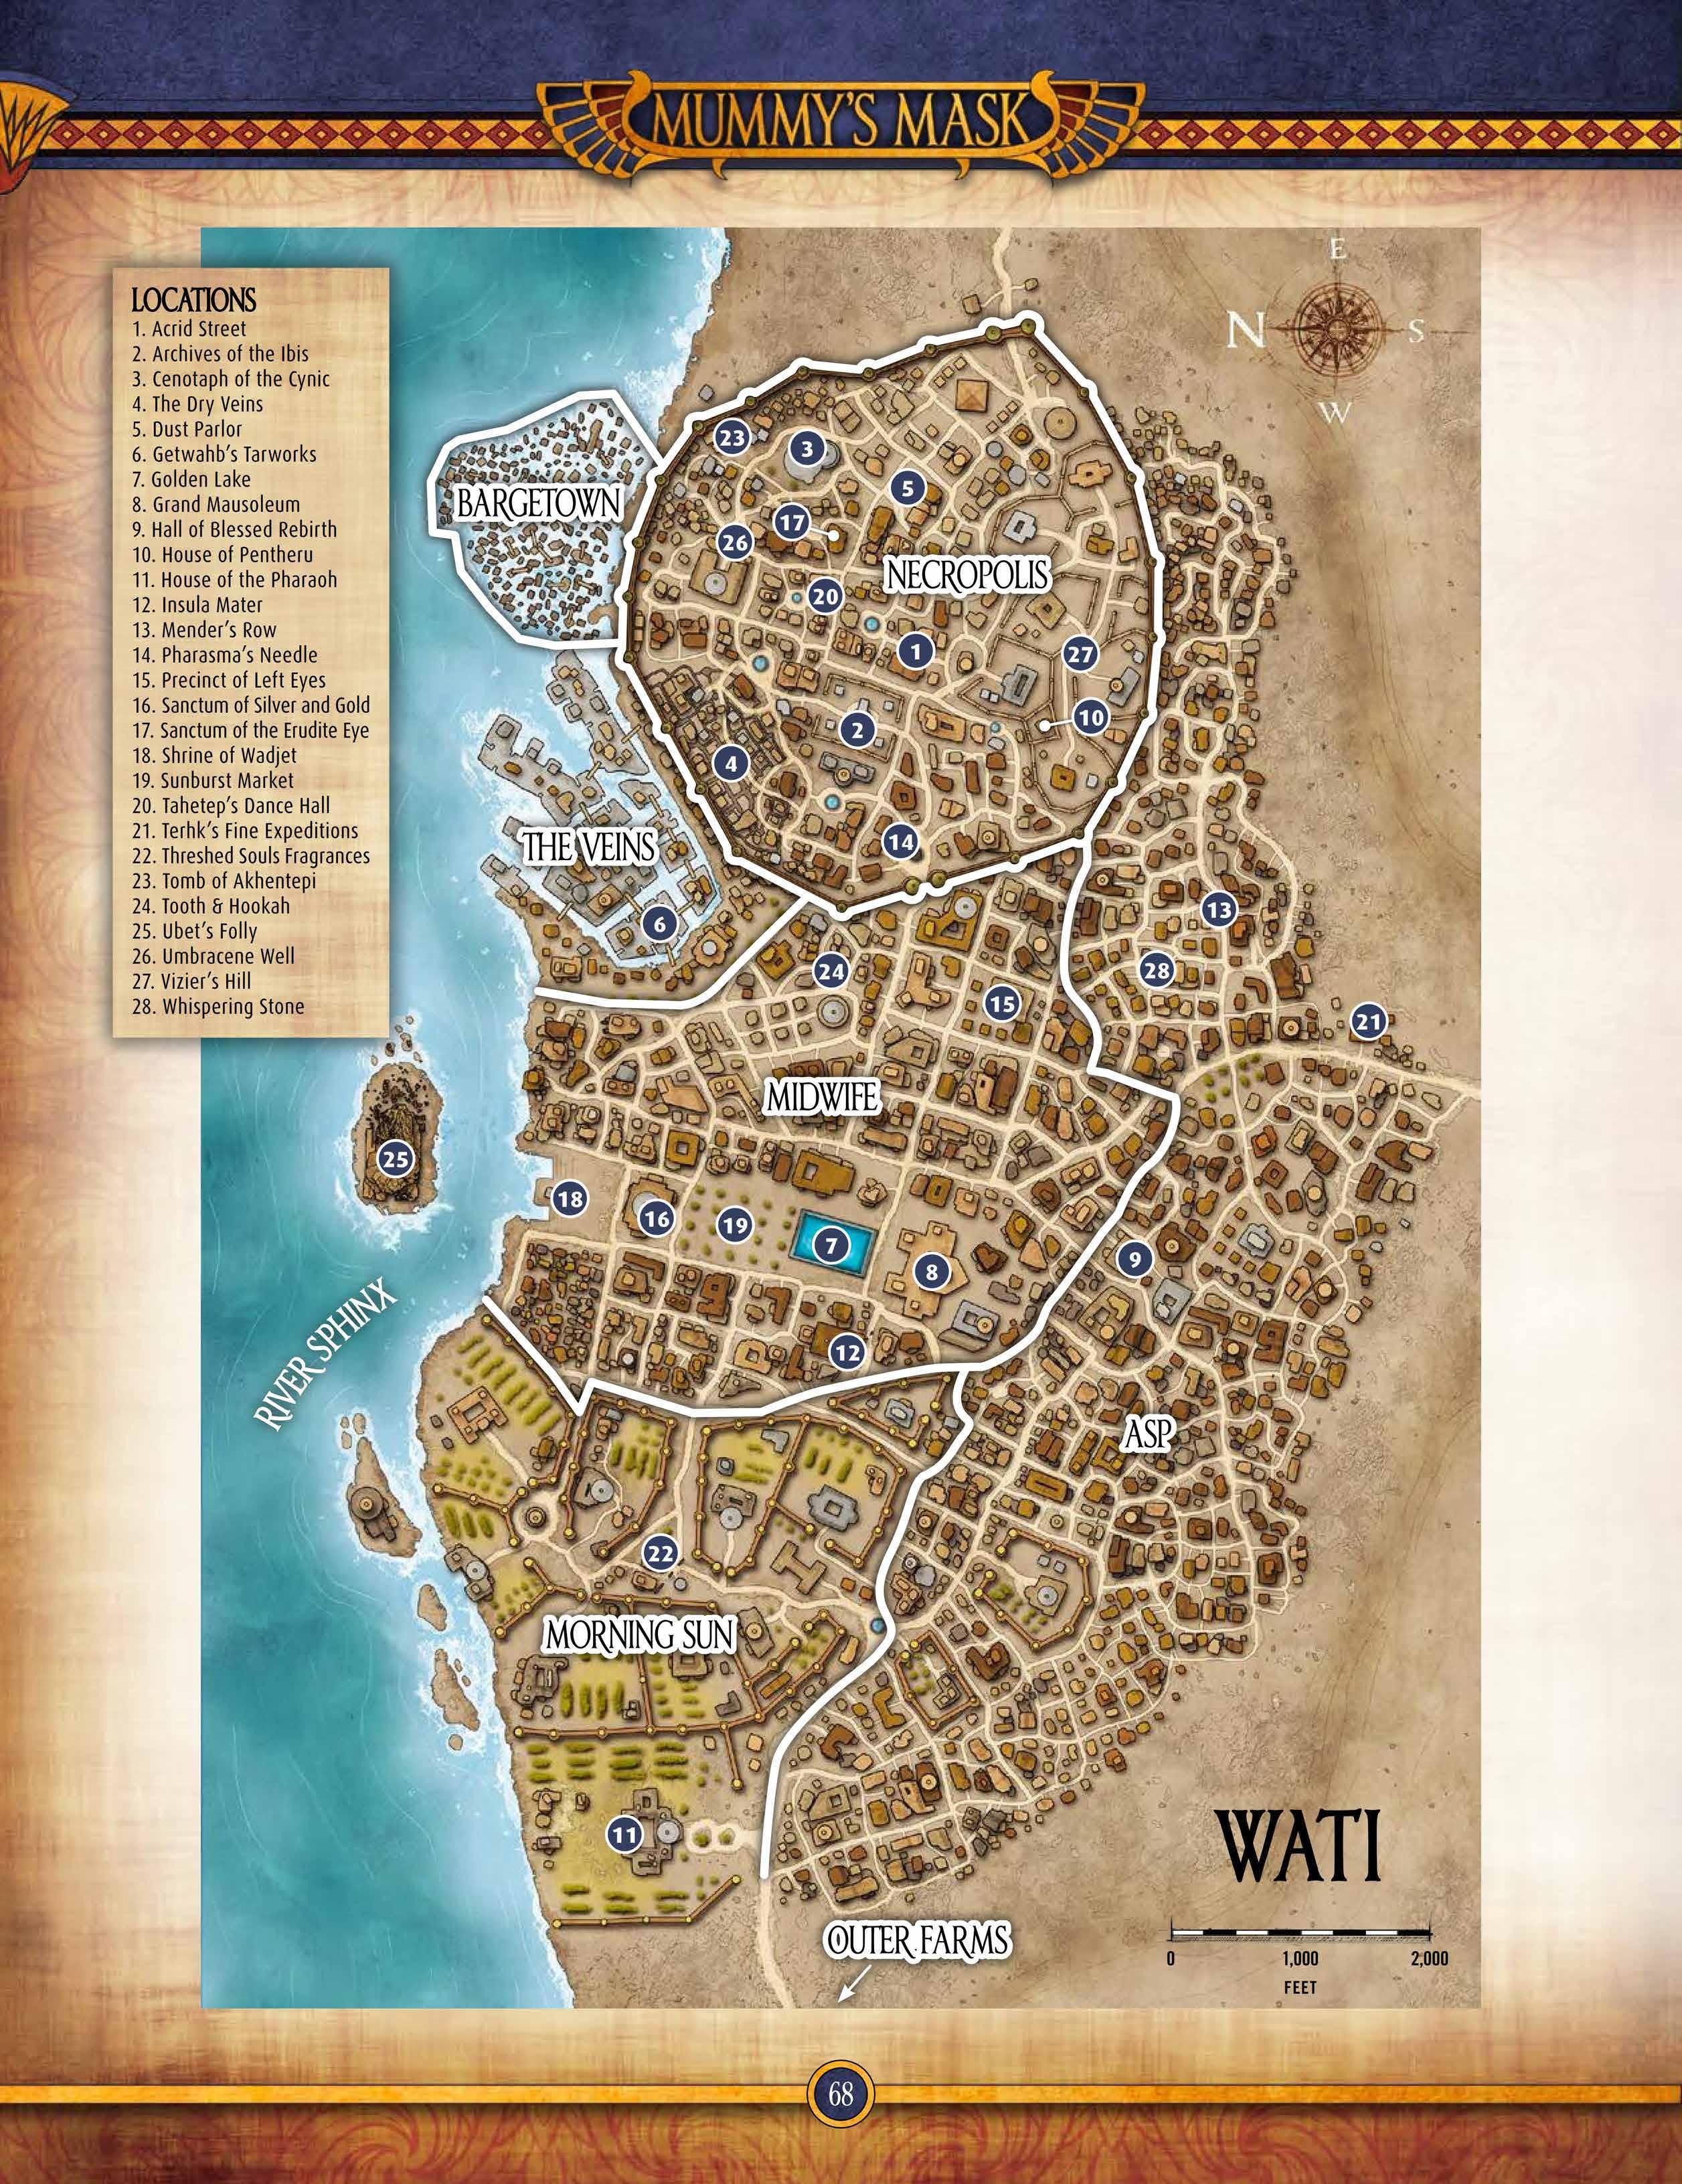 Wati_Map.jpg